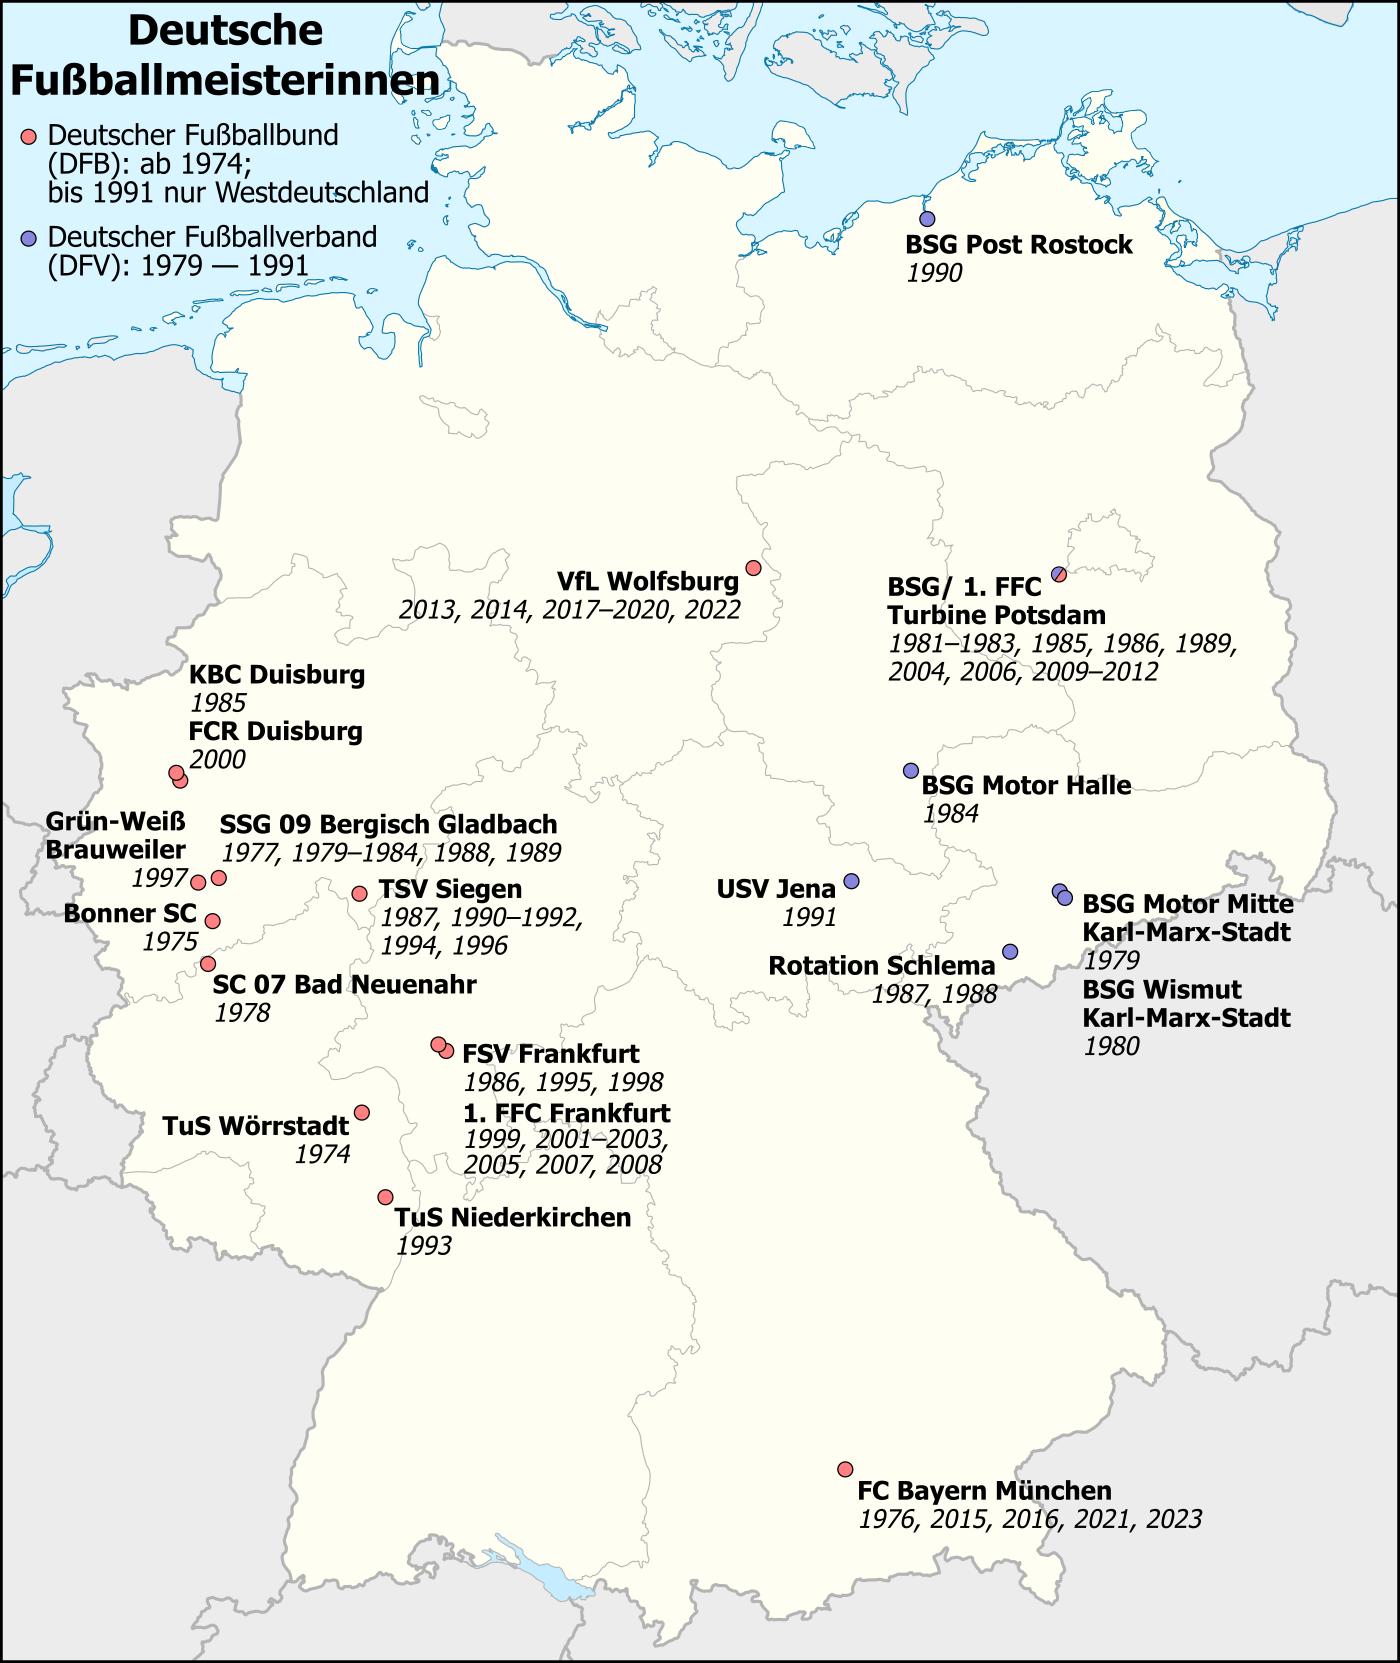 Karte Deutsche-Fussballmeisterinnen.png